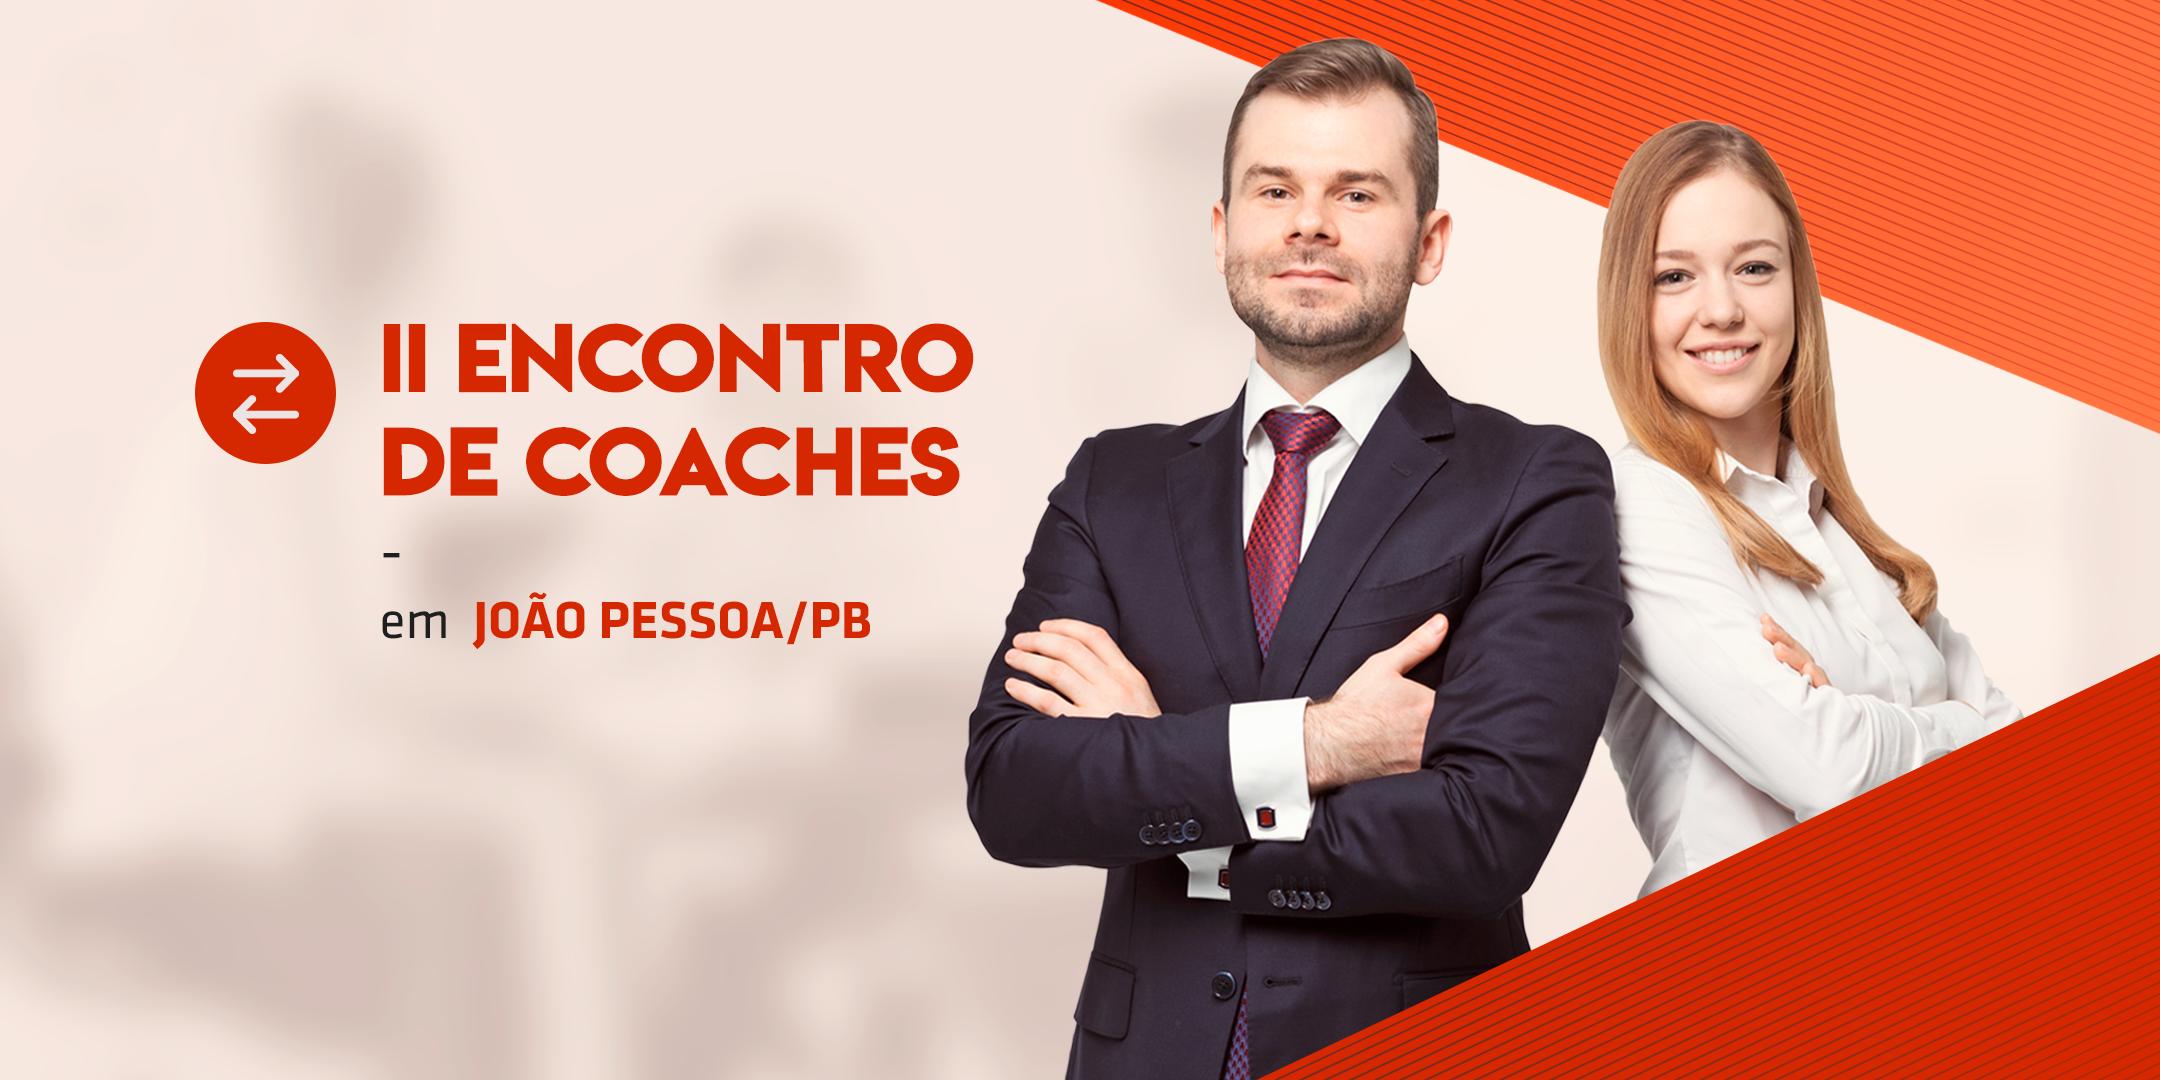 [JOÃO PESSOA/PB] II Encontro de Coaches